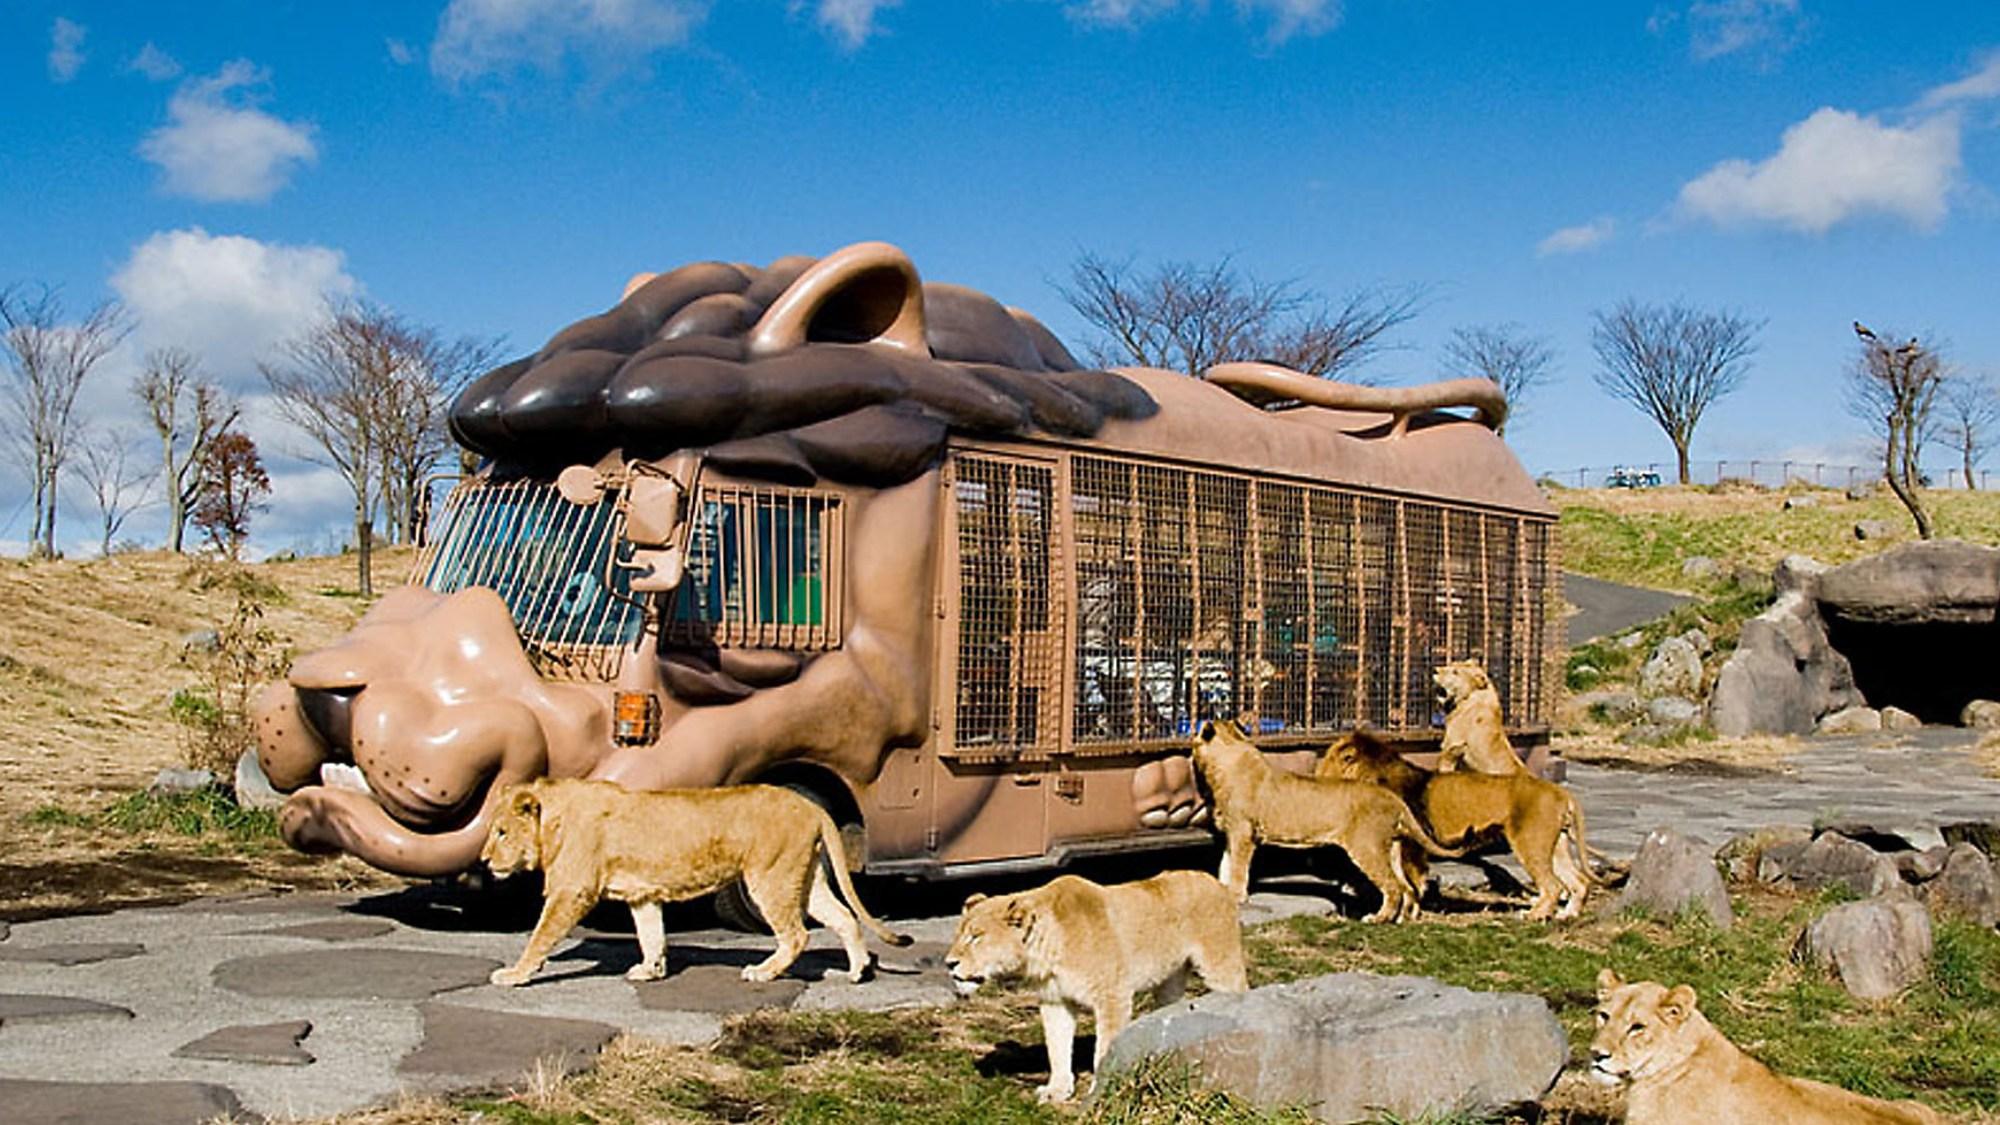 【レジャー】アフリカンサファリジャングルバスで野生動物の近くまで♪